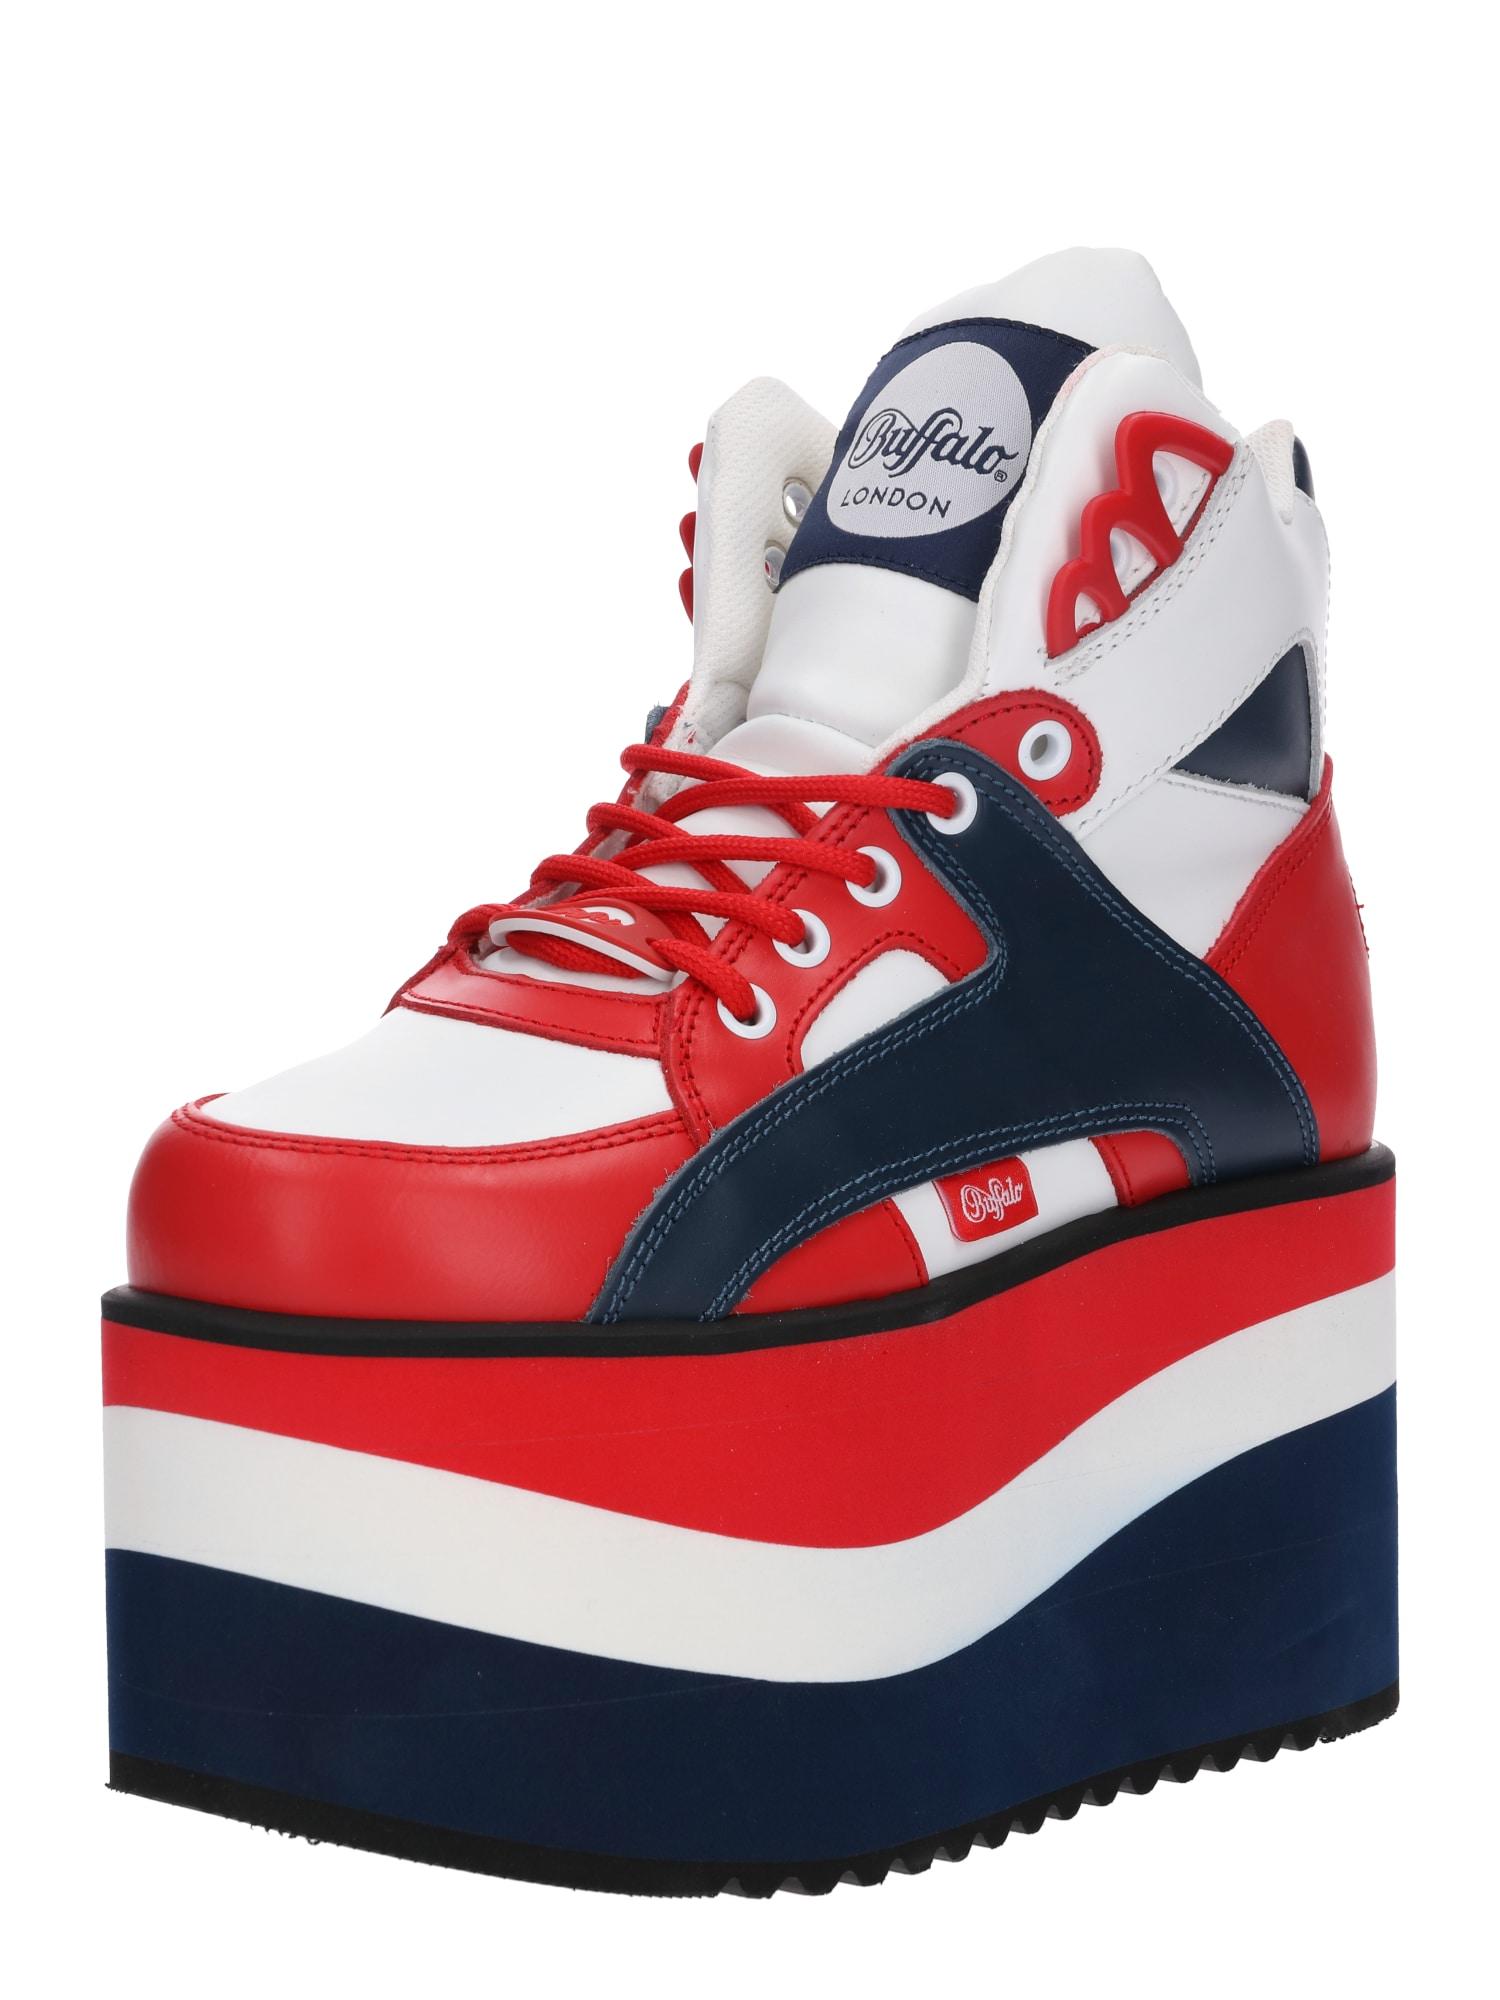 Tenisky námořnická modř červená bílá Buffalo London